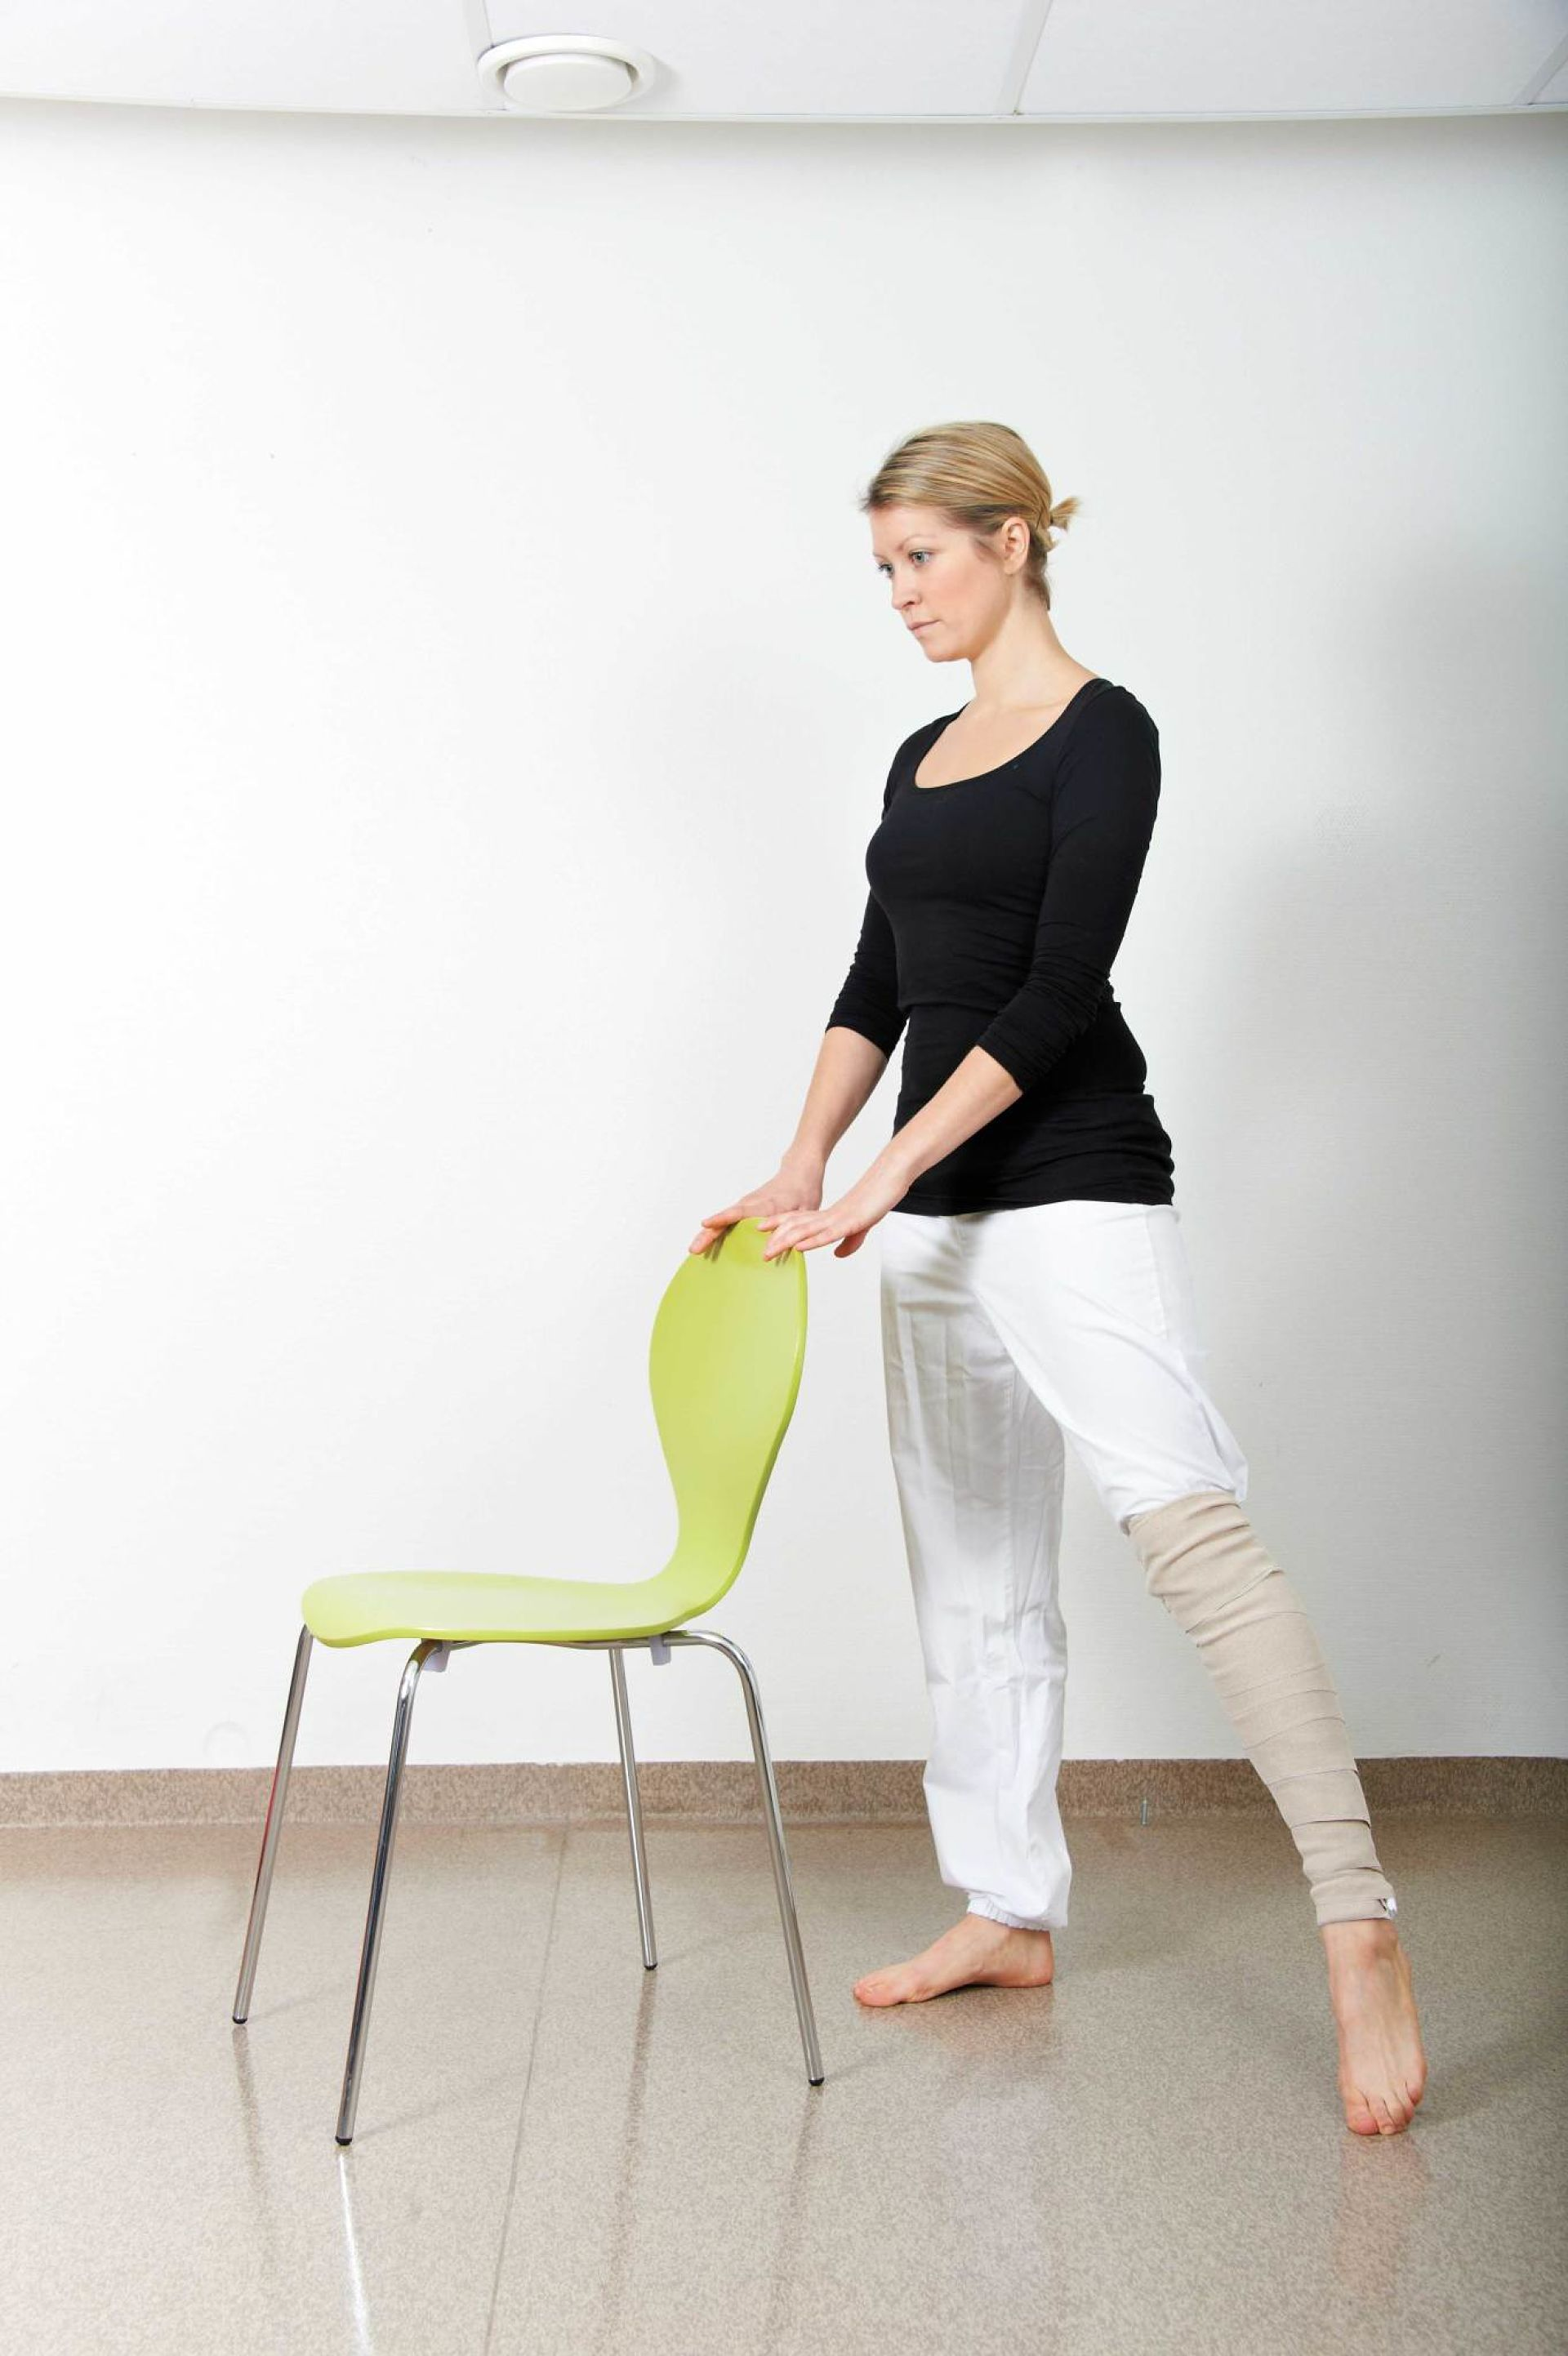 Illustrasjonsbilde av øvelse etter hofteproteseoperasjon.